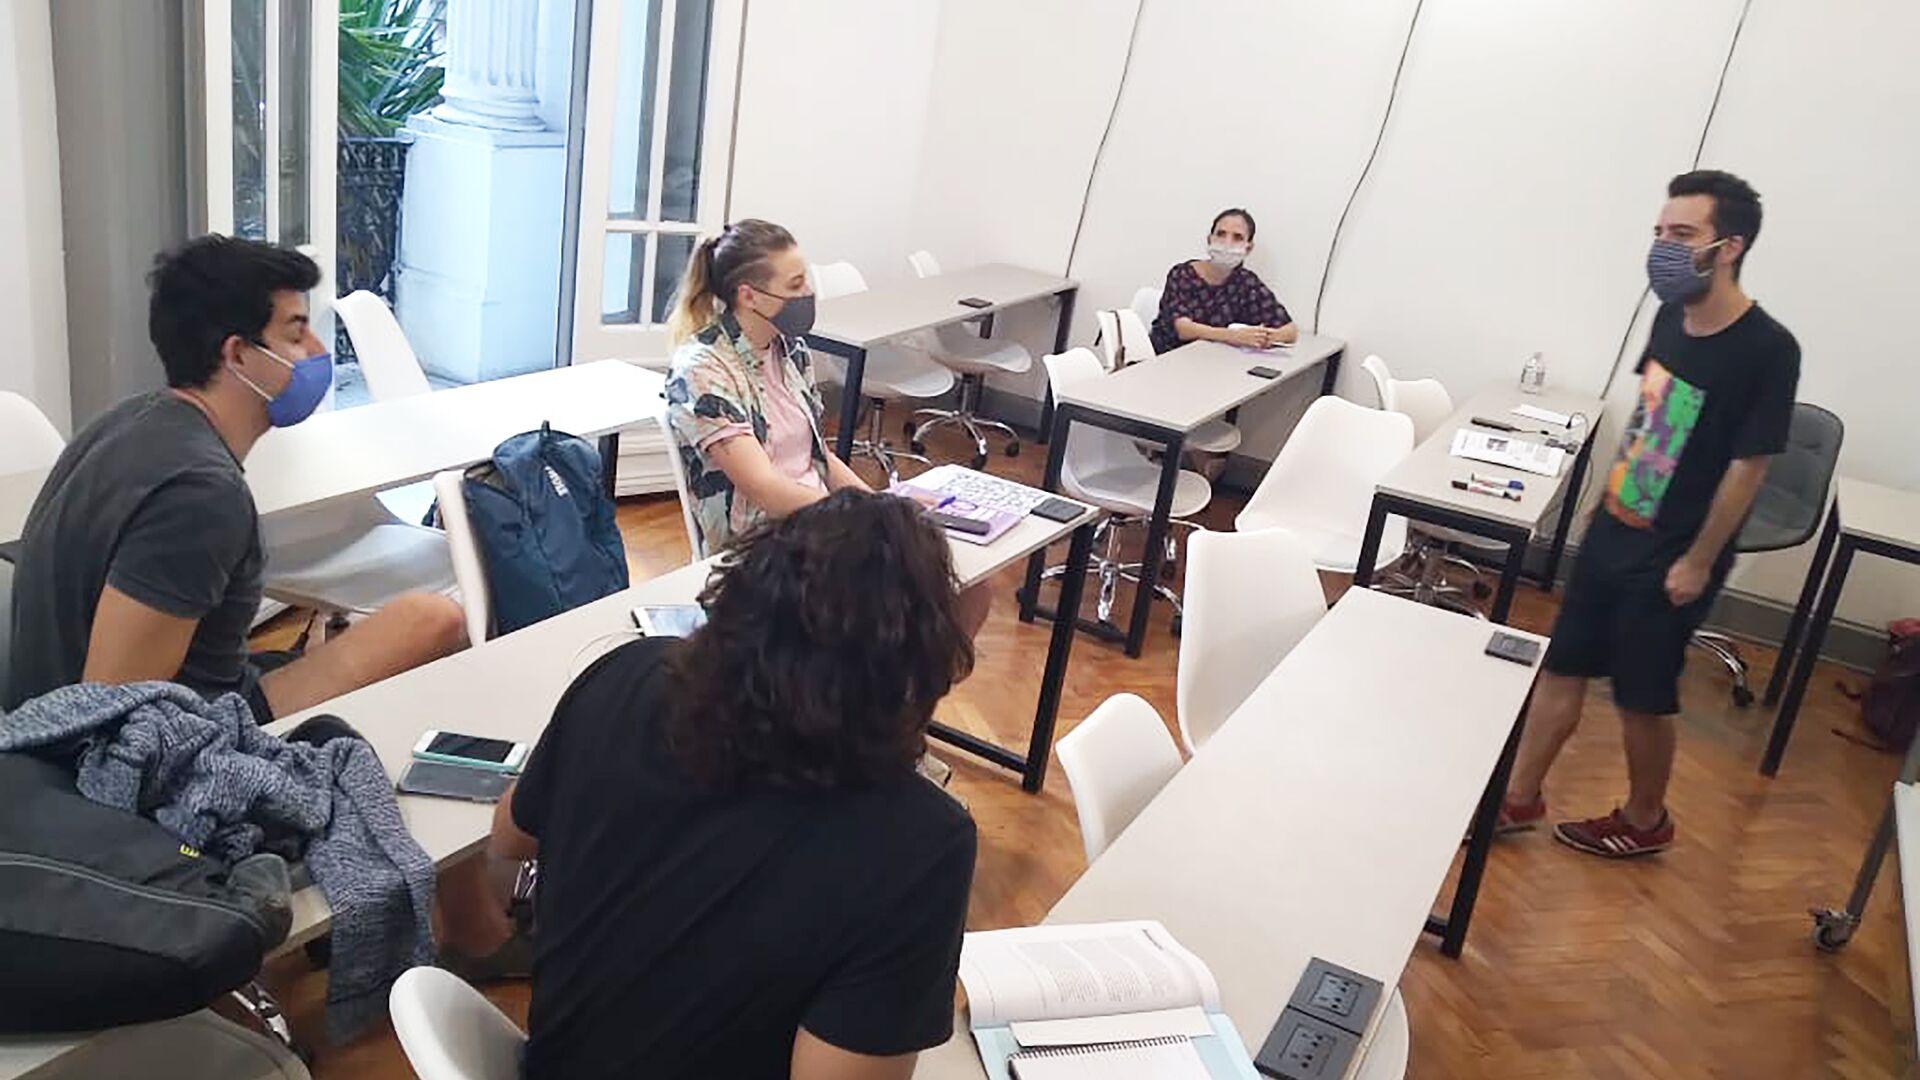 Séjour linguistique Argentine, Buenos Aires - Expanish Buenos Aires - École